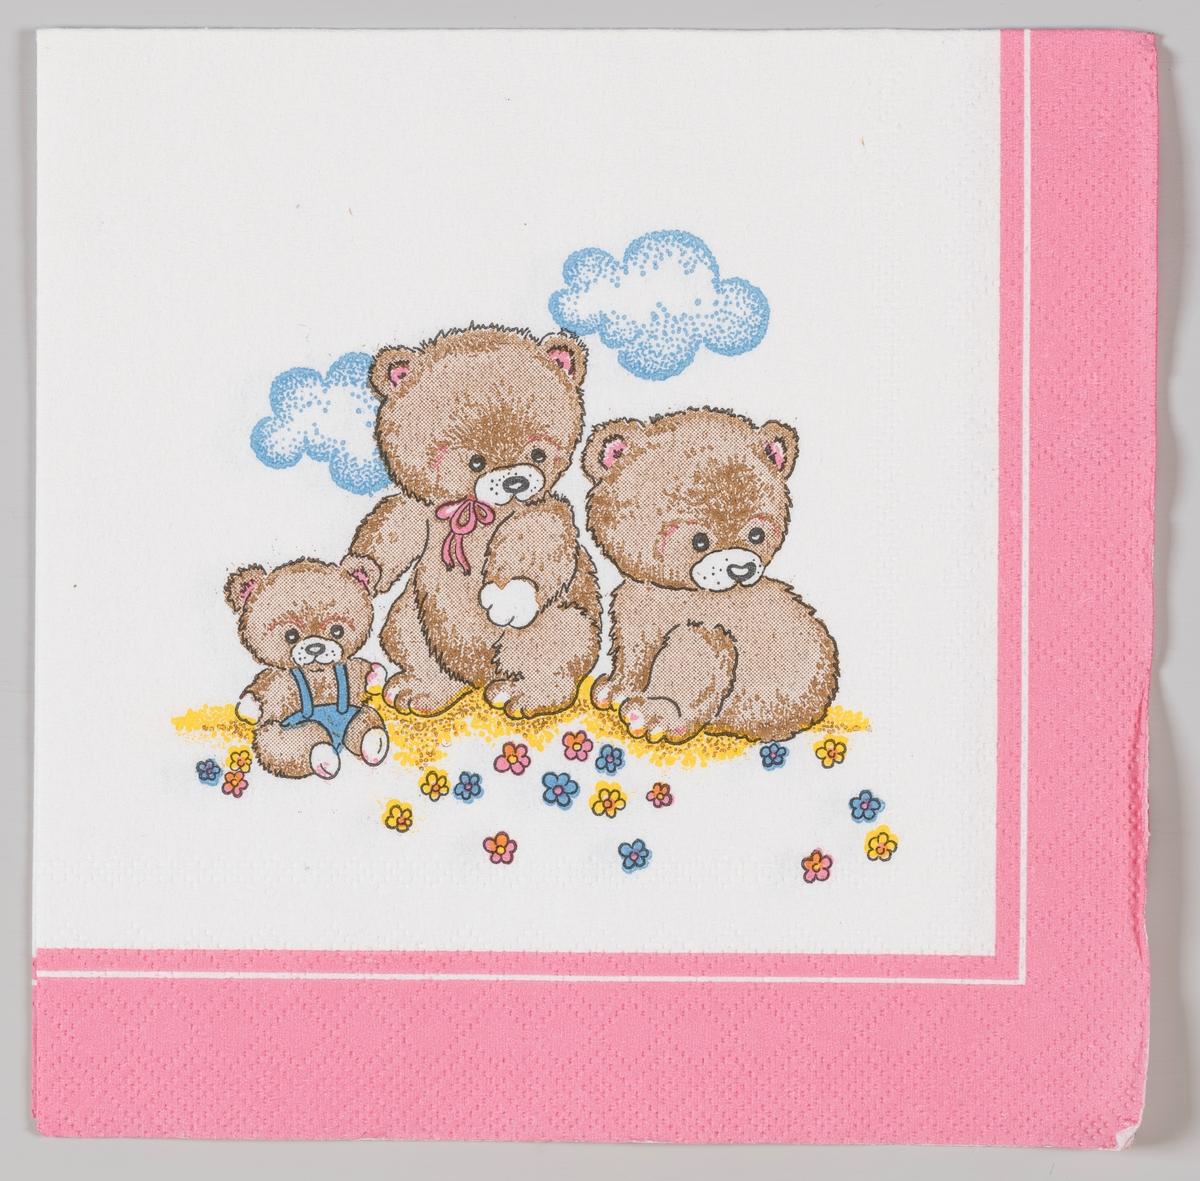 To voksne bamser og en liten bamse.